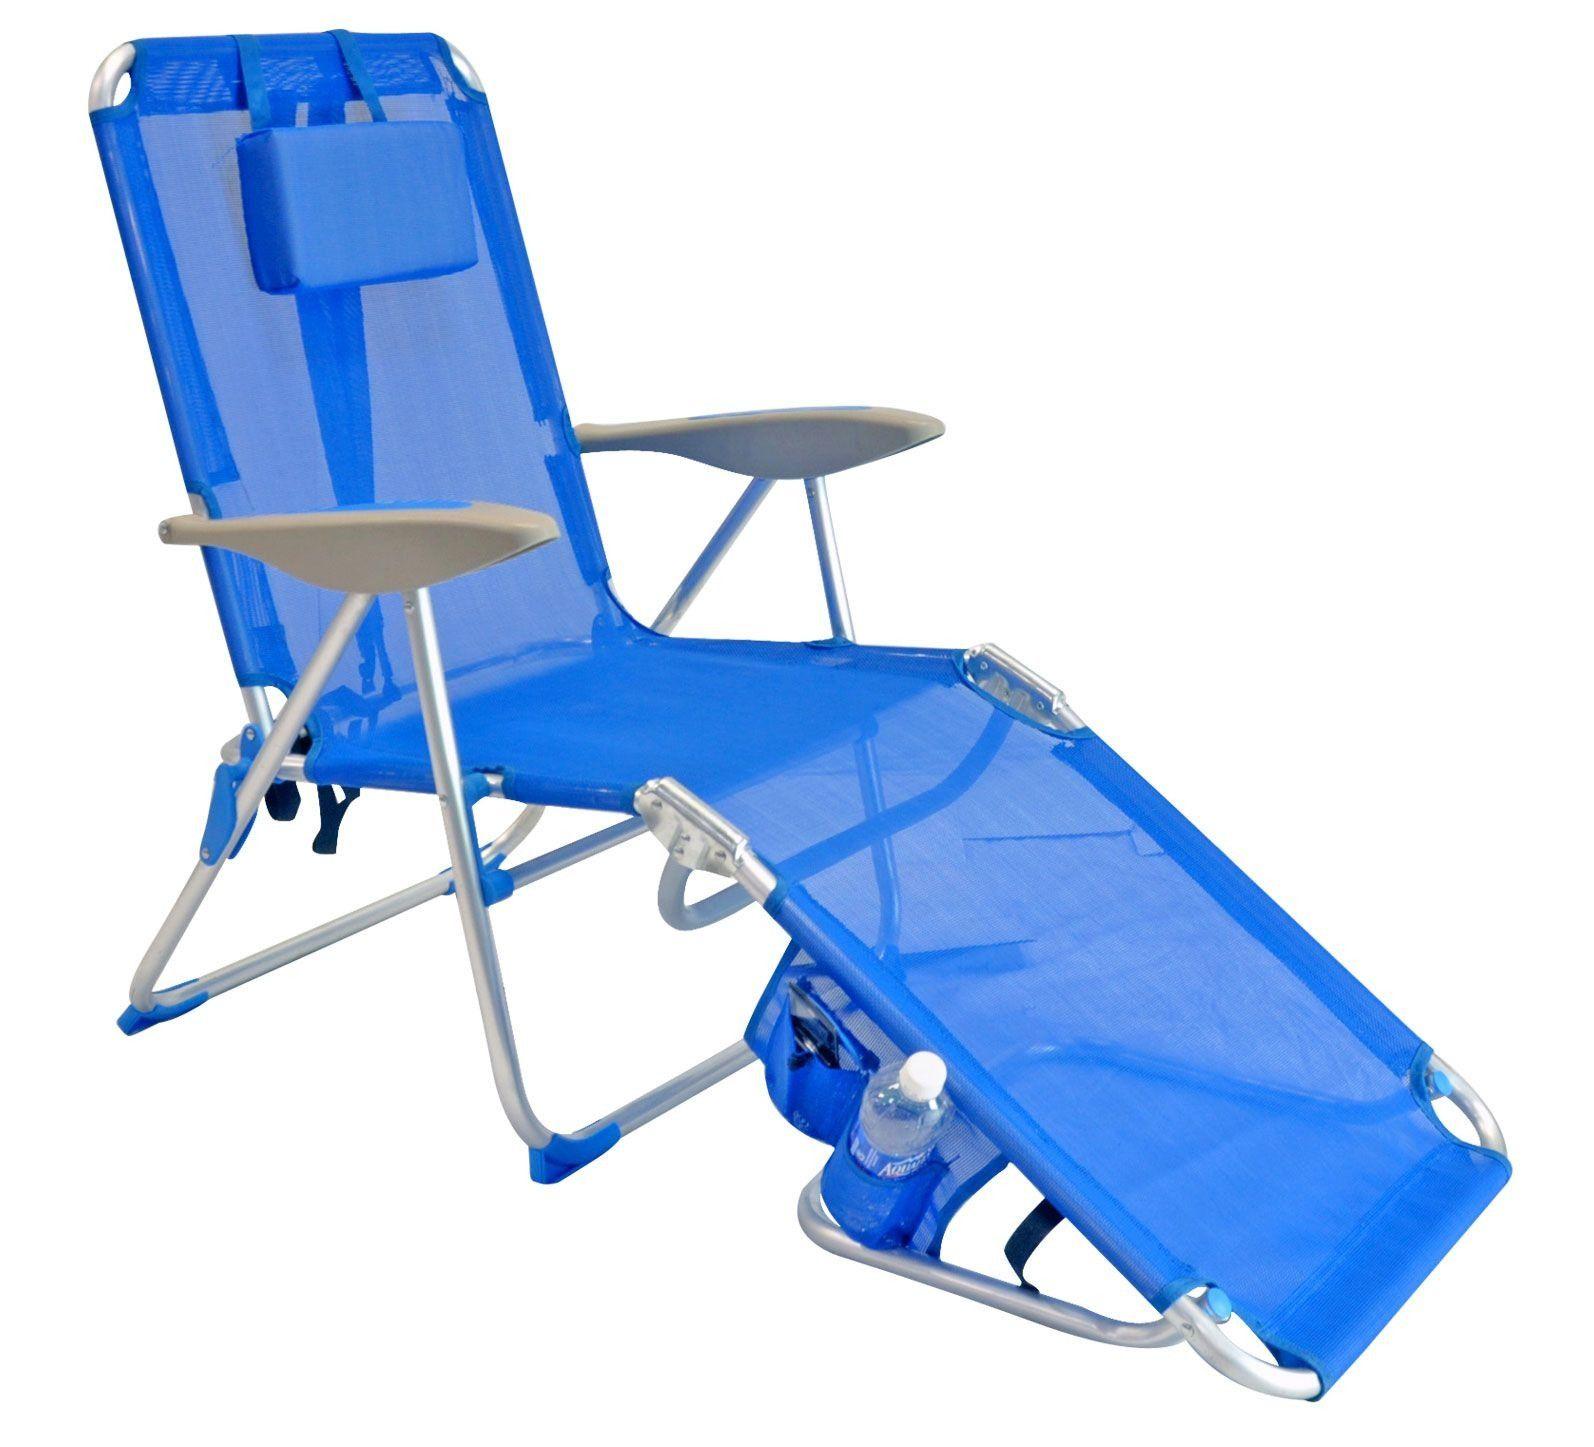 Nouveau Chaise De Massage Assis Idees Inspirantes Chaise De Plage Pliante Chaise Longue De Plage Chaises De Piscine